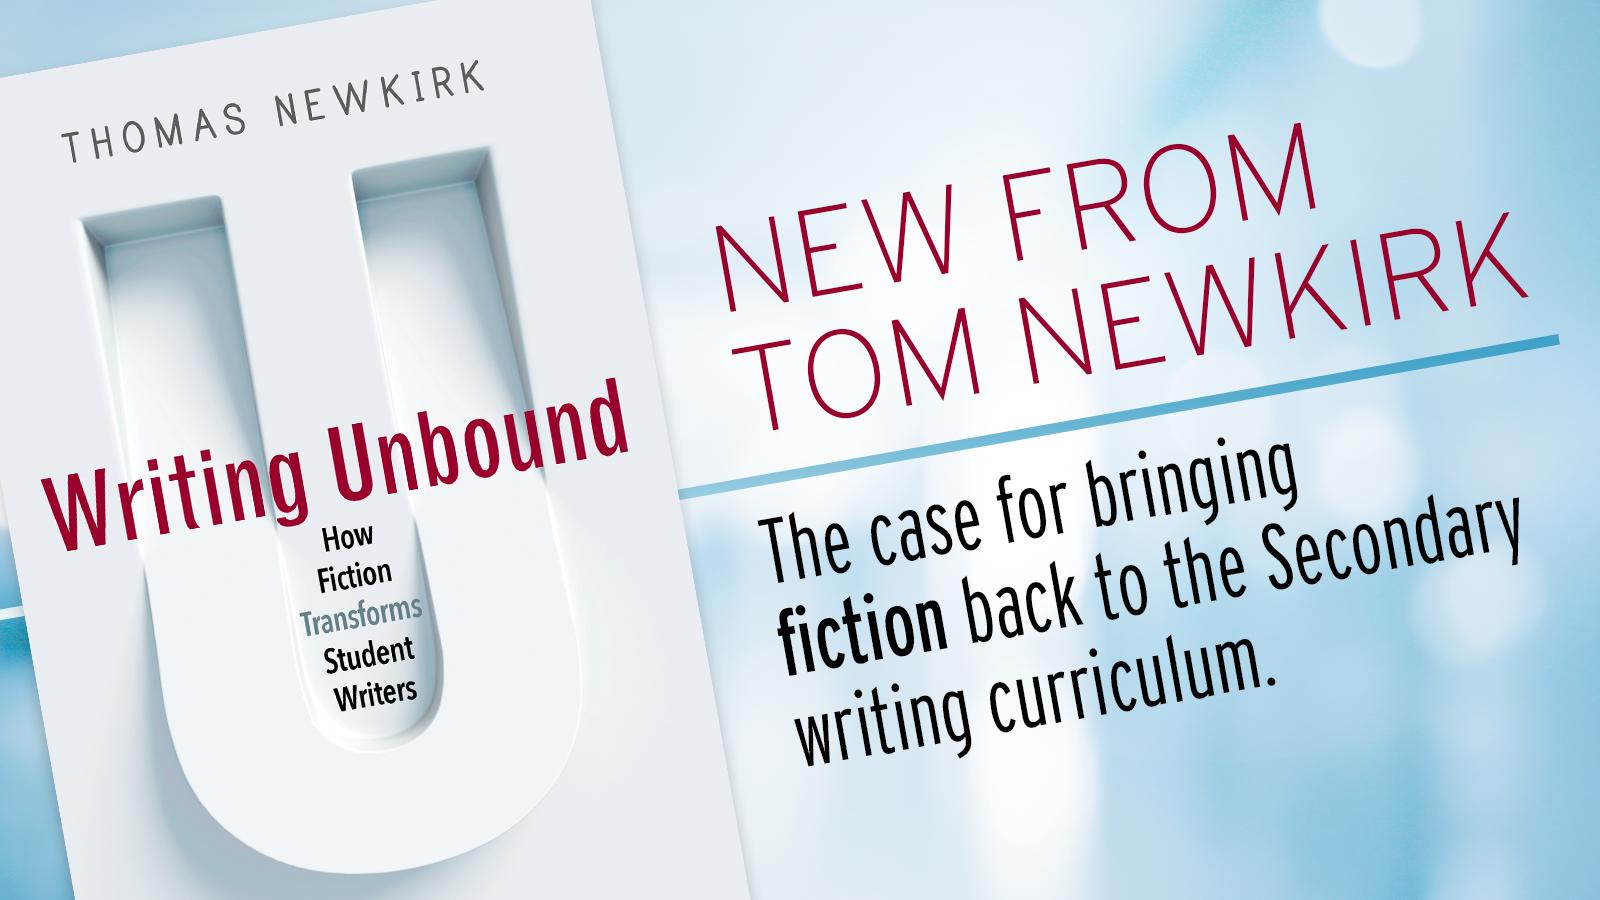 Newkirk_Writing_Unbound_TW_02